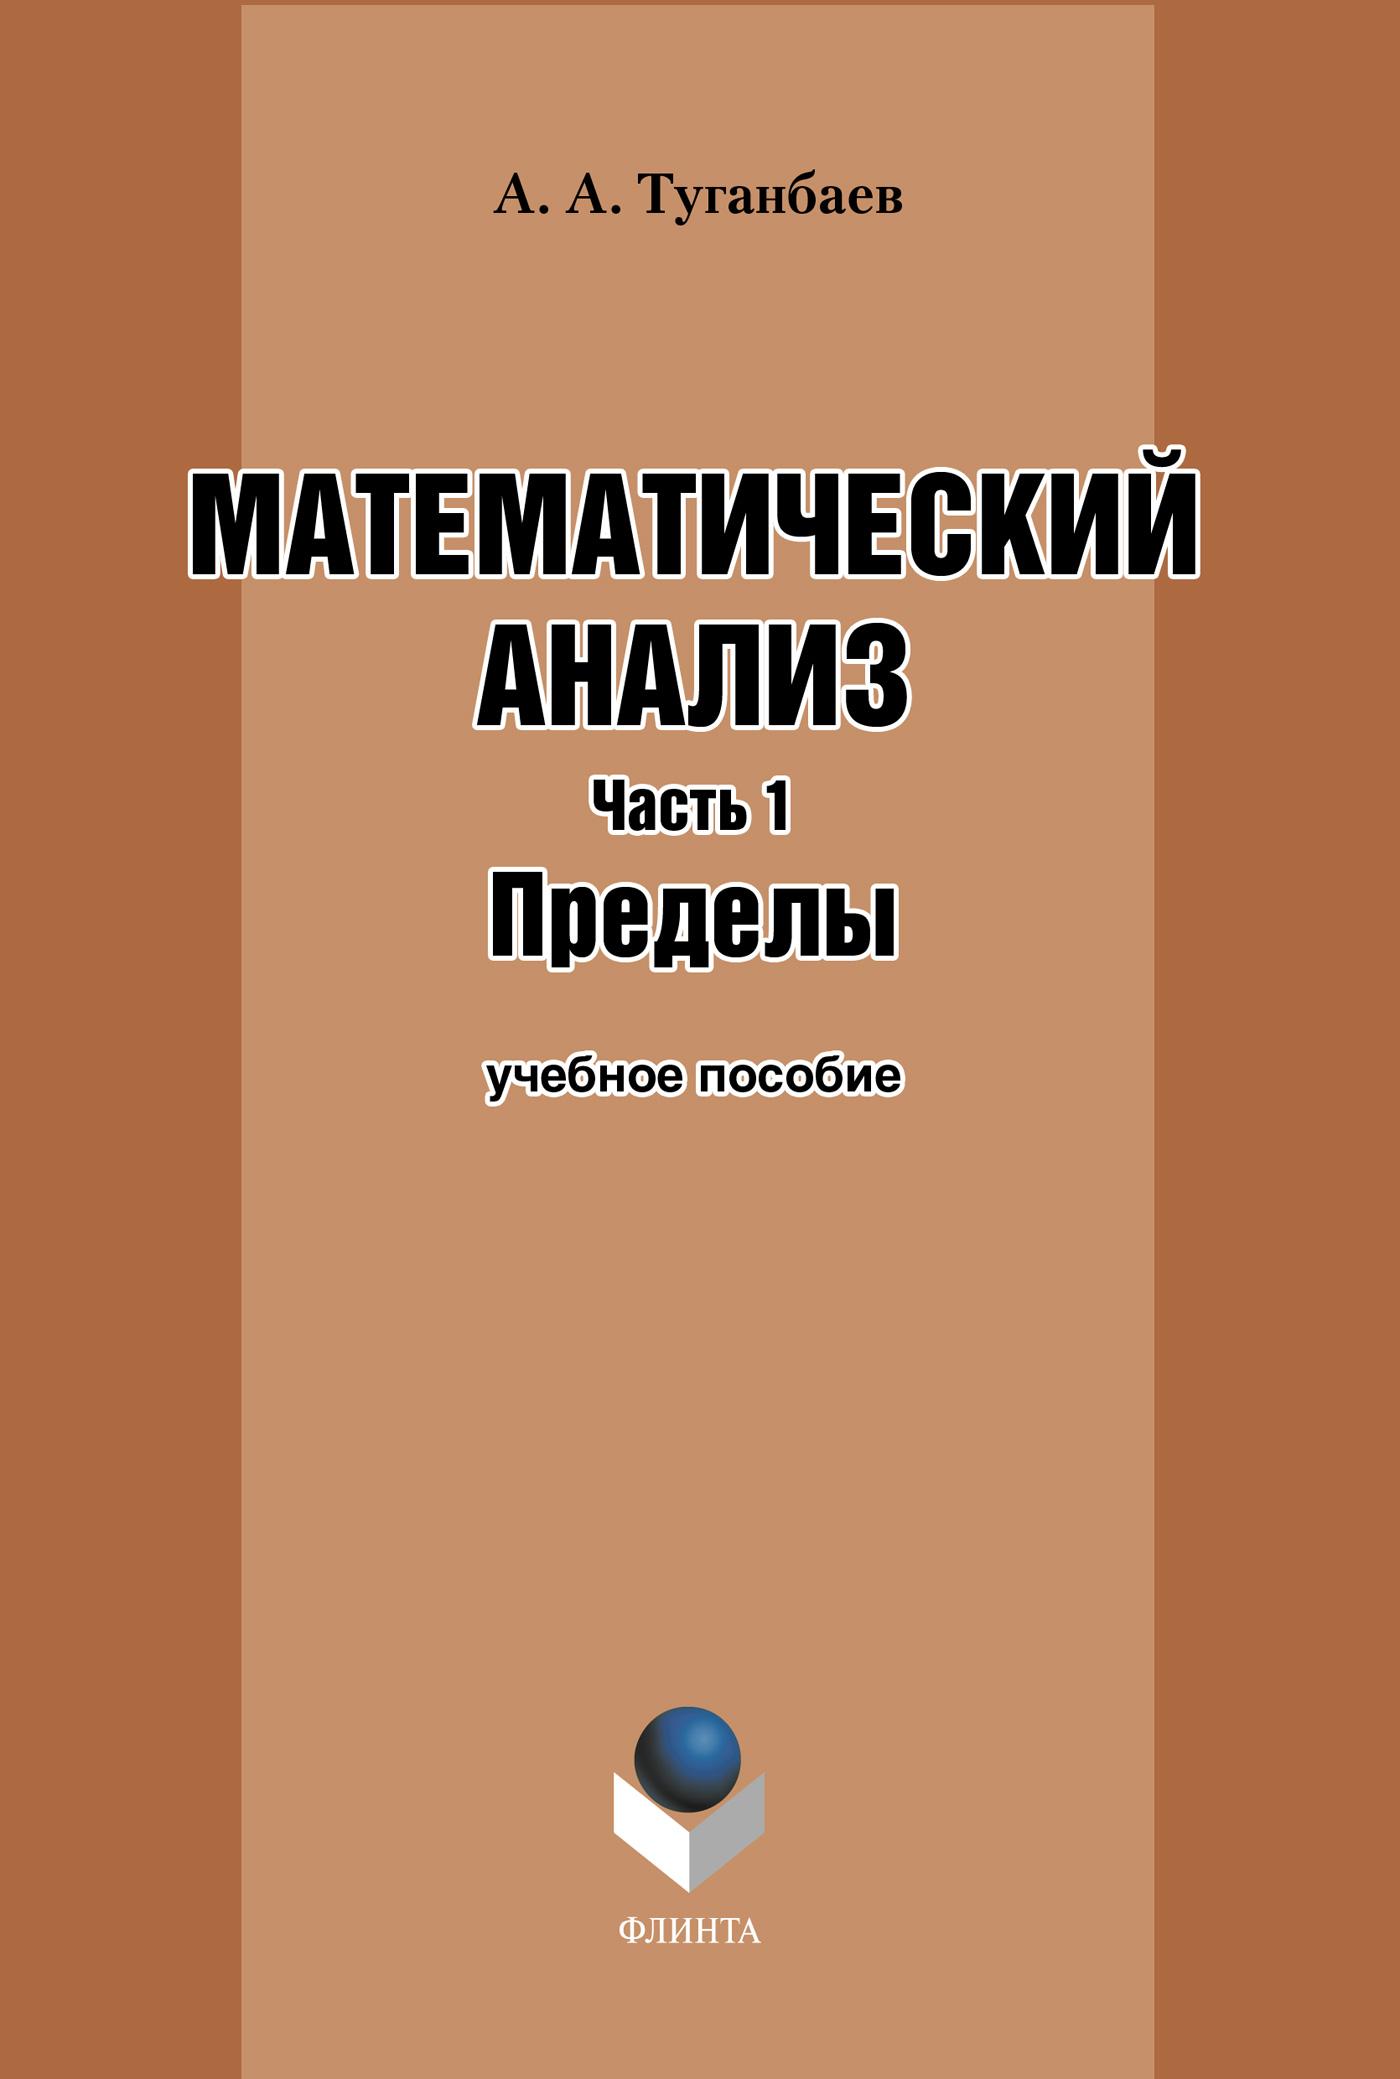 А. А. Туганбаев Математический анализ. Часть 1. Пределы: учебное пособие